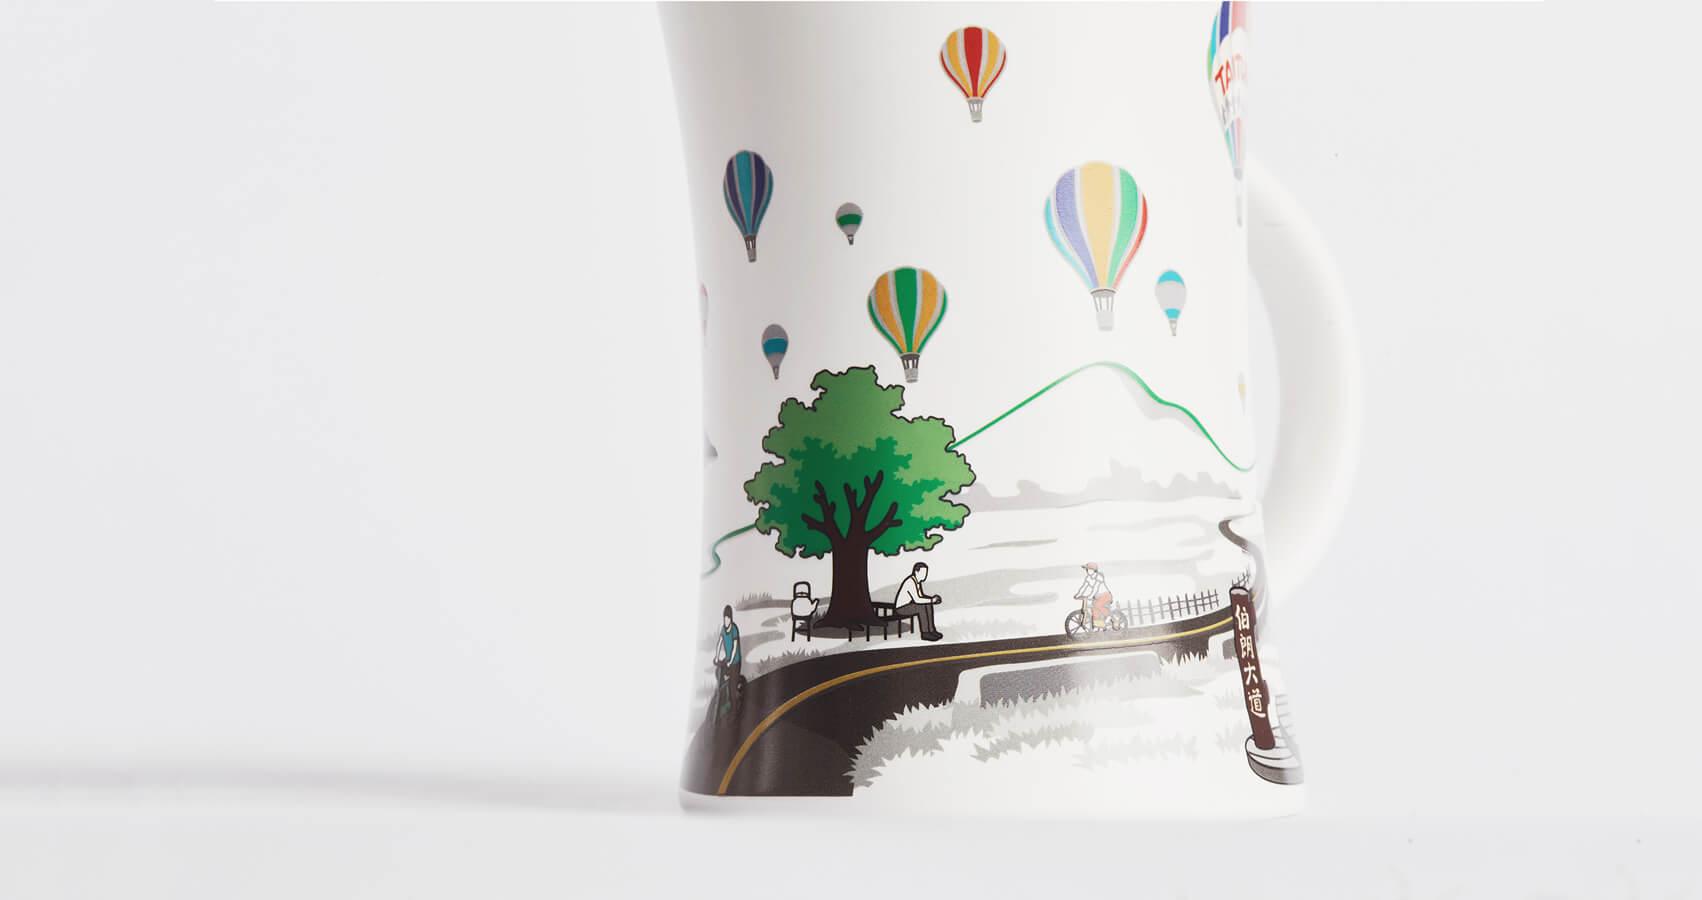 台東變色杯-細節2_1700x900px